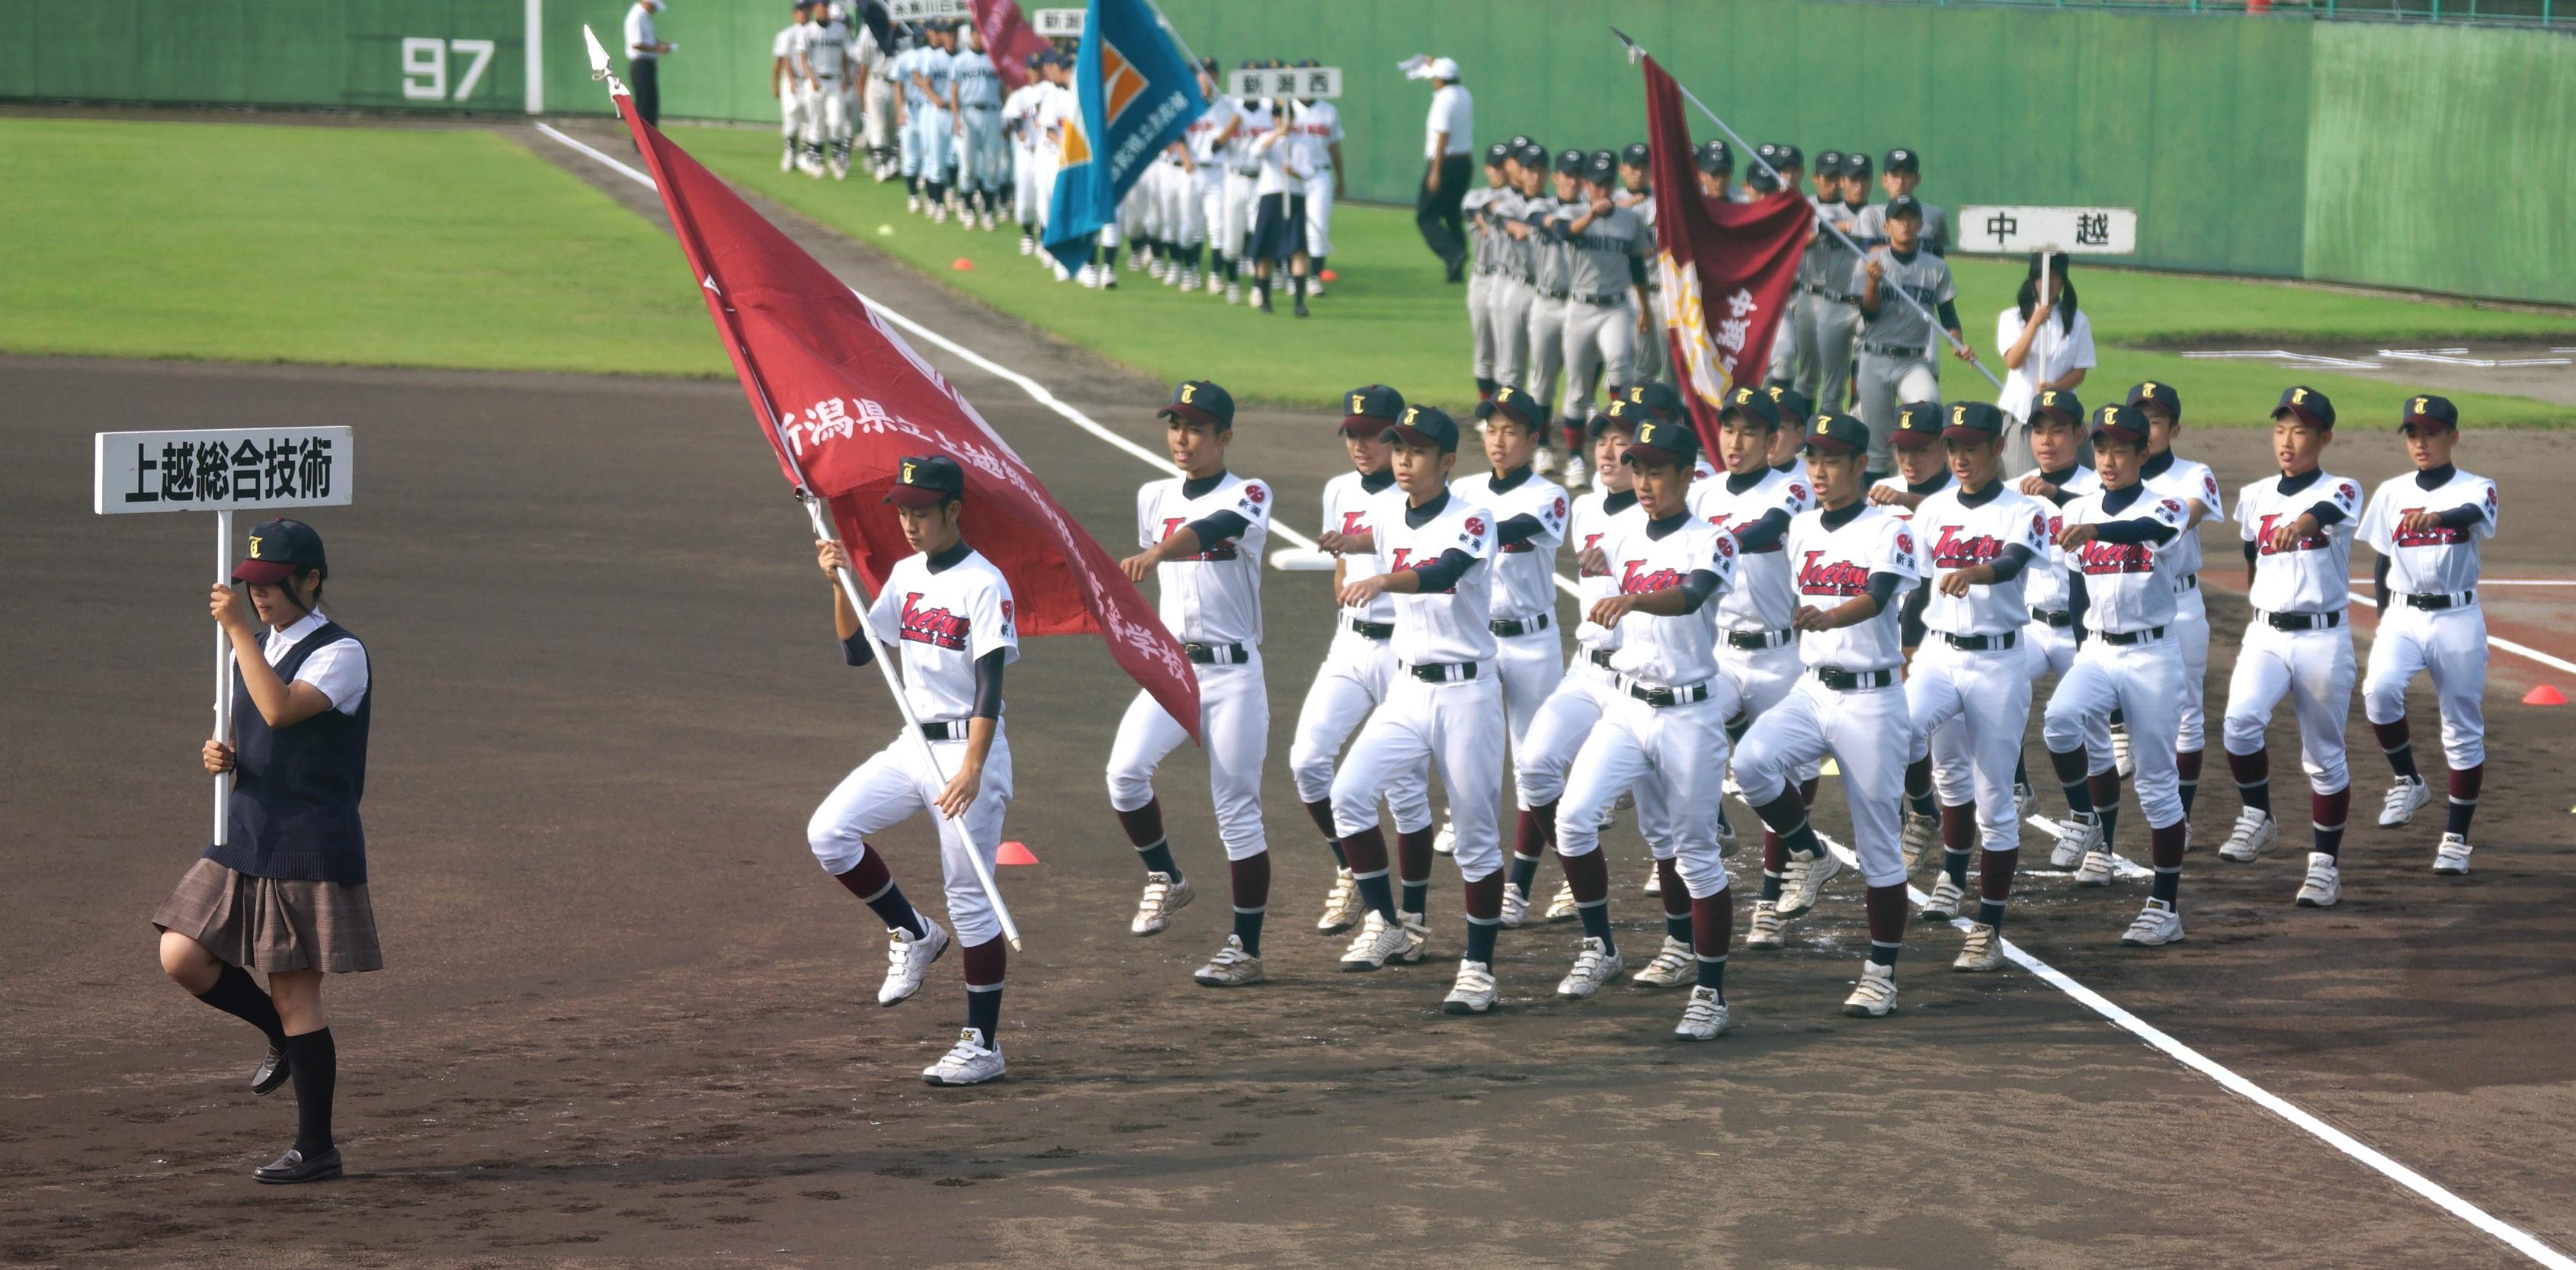 新潟野球ドットコム | 新潟県に関する野球情報を追いかける ...